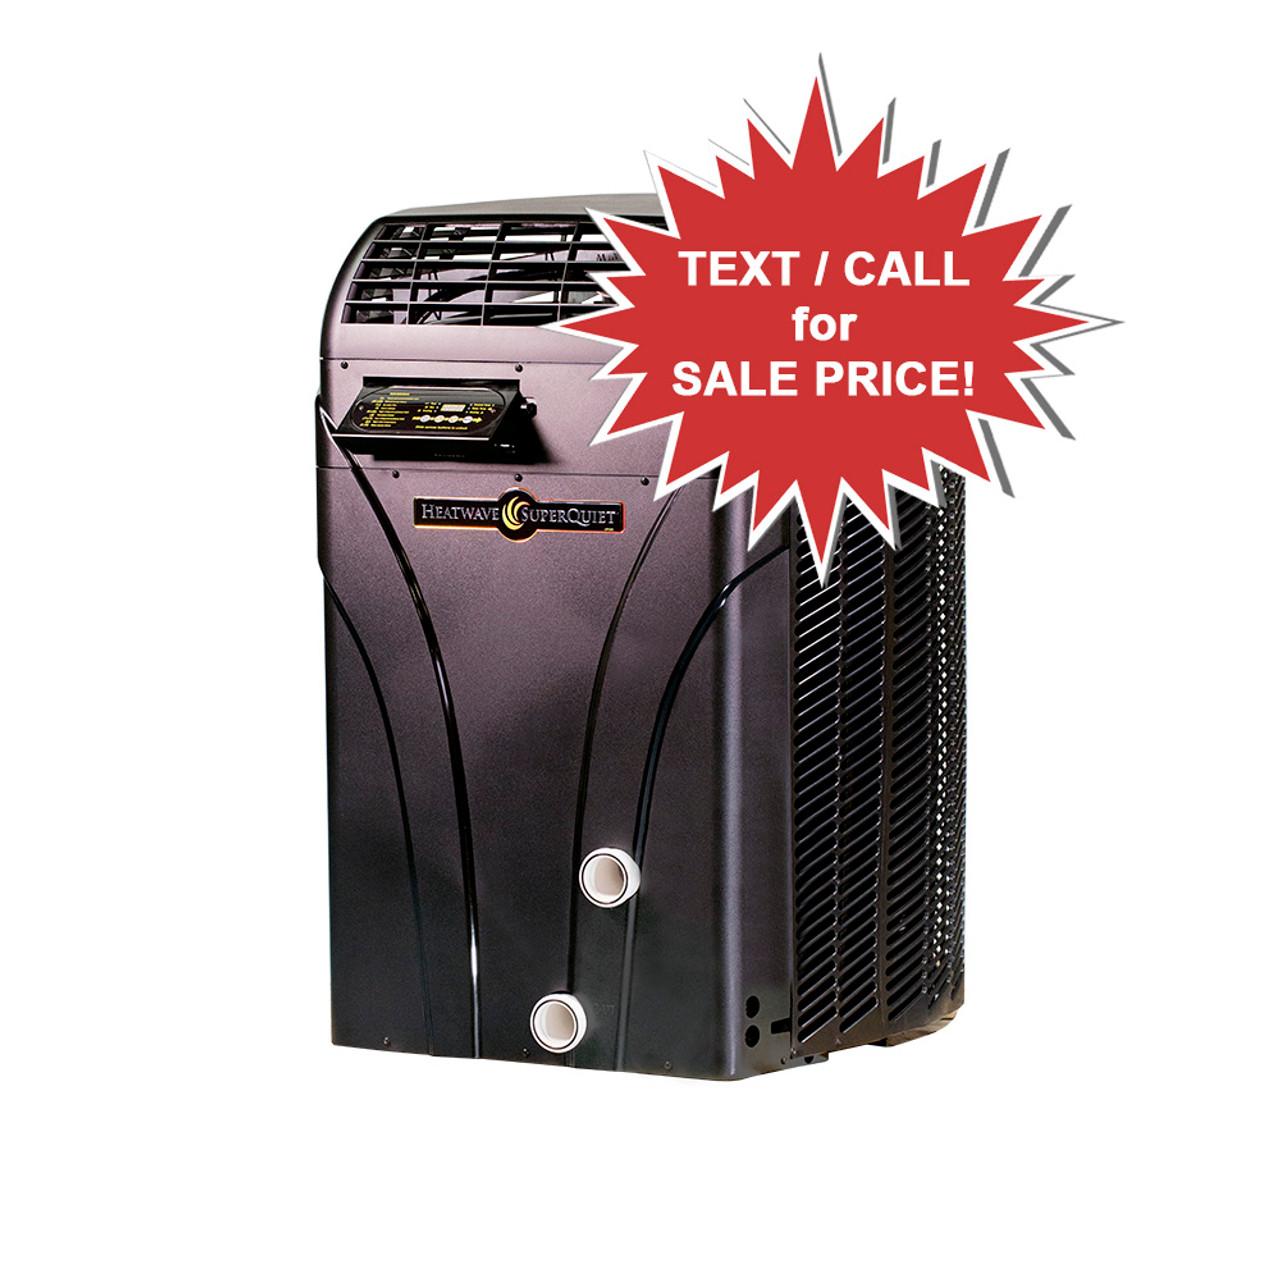 AquaCal SQ-125 SuperQuiet 101k BTU Pool & Spa Heat Pump